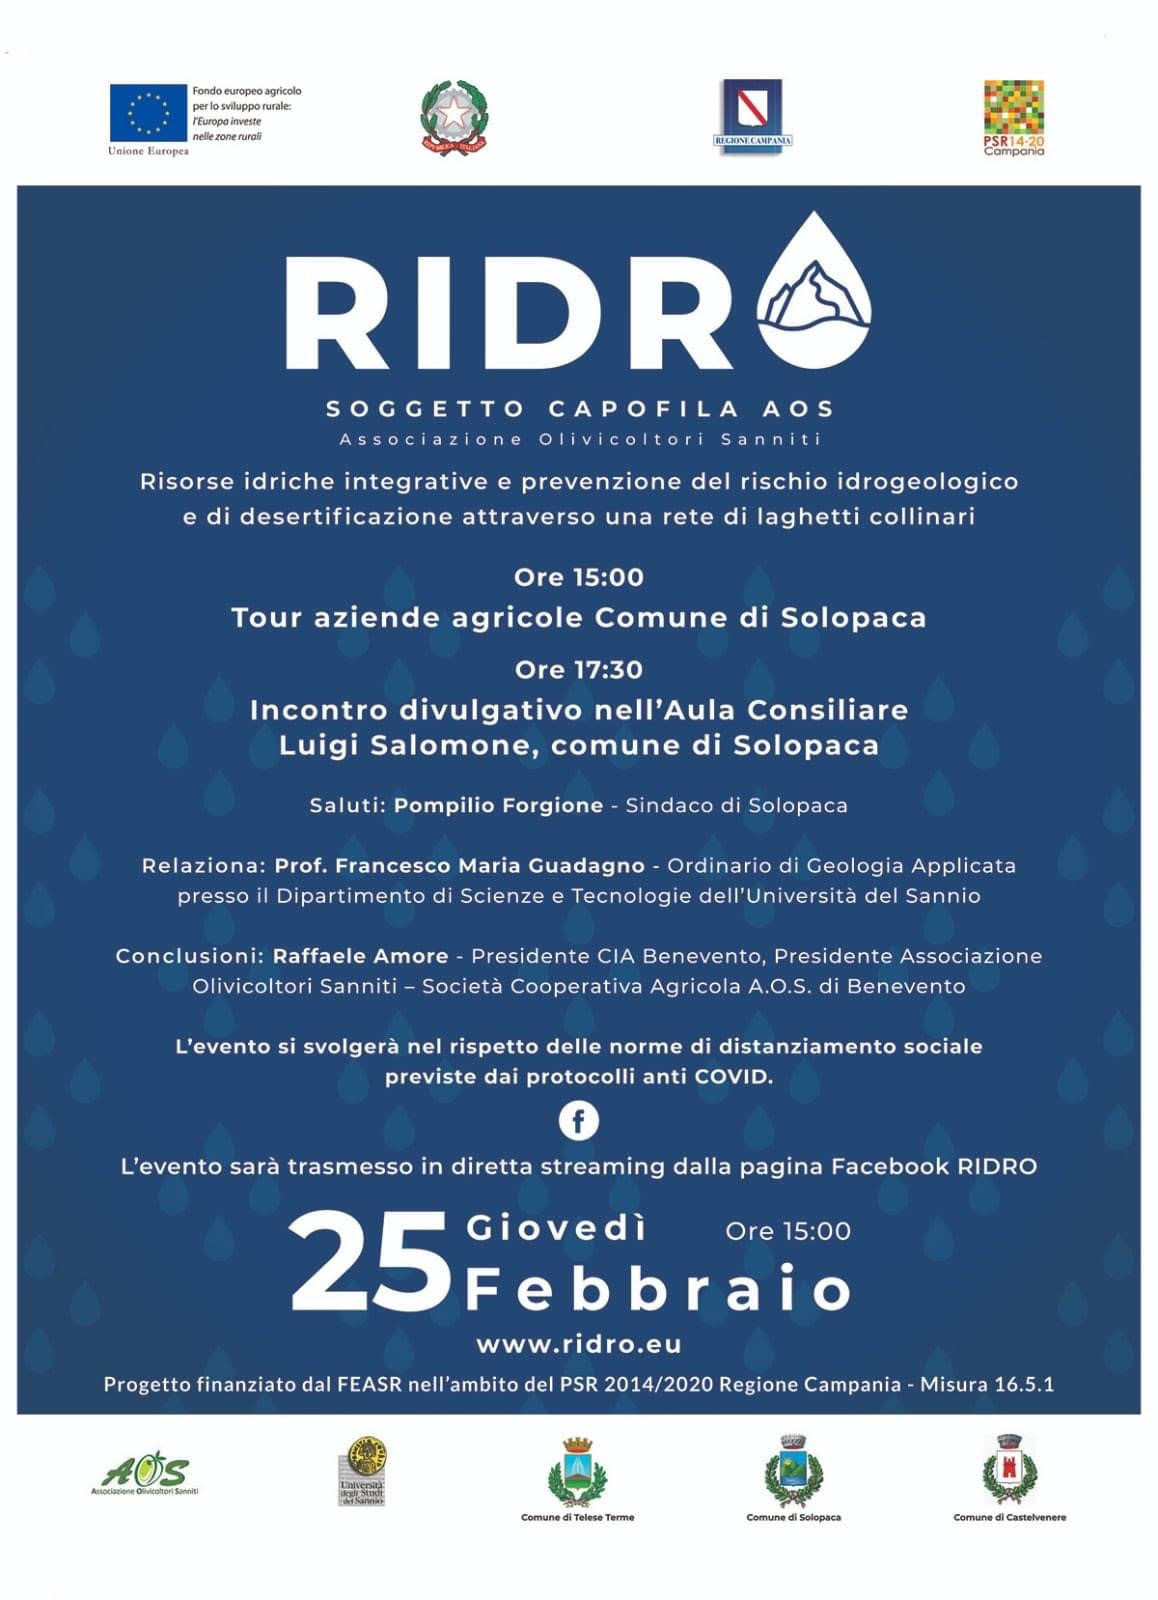 Valle Telesina, Progetto Ridro, mercoledì un incontro divulgativo via web